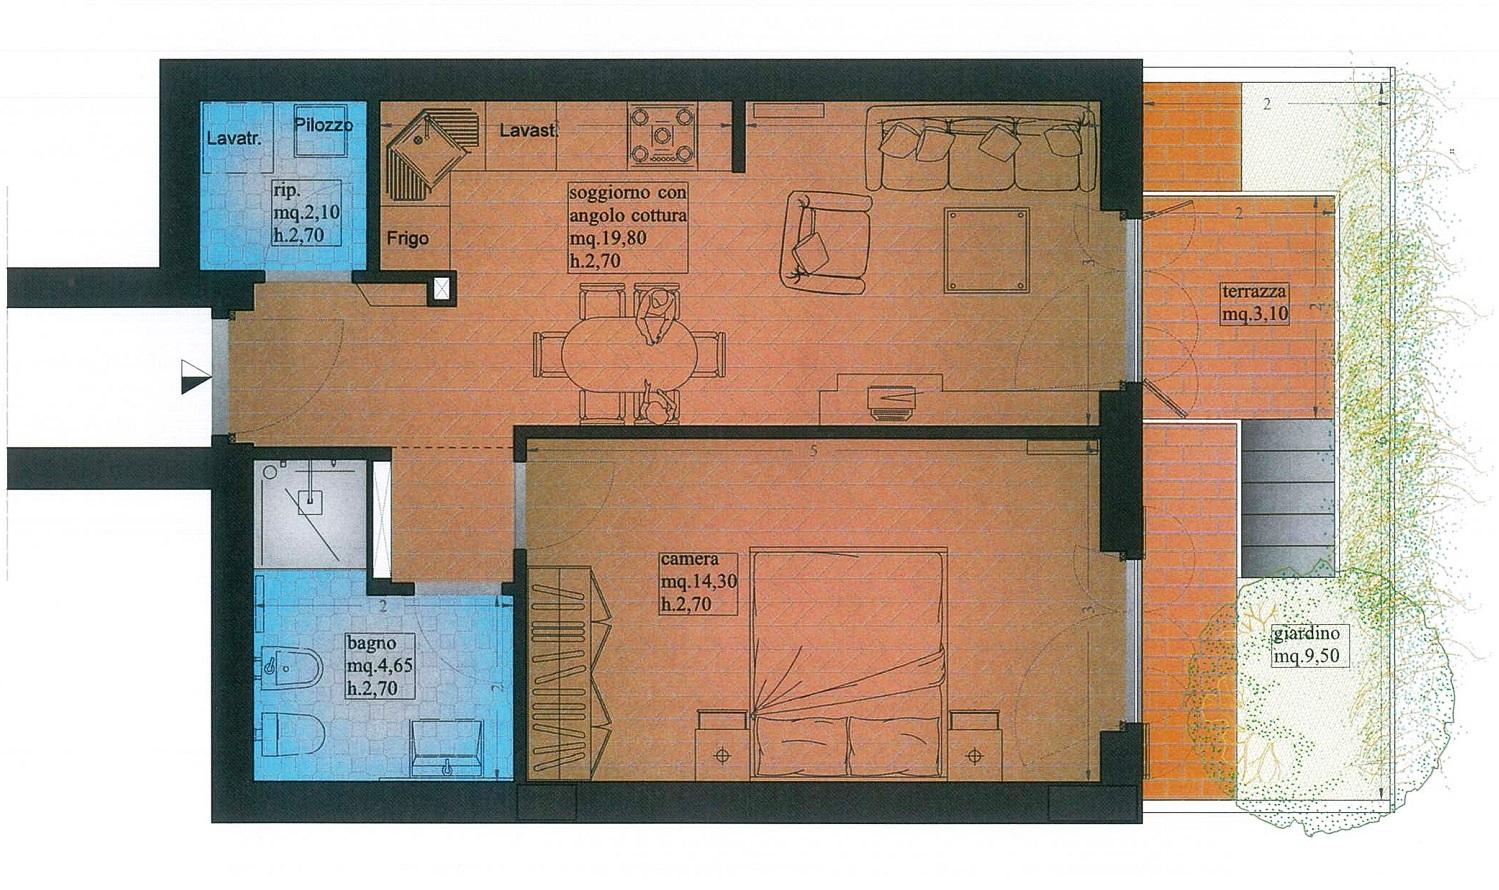 Appartamento in vendita, rif. 02414/2 (Planimetria 2/2)